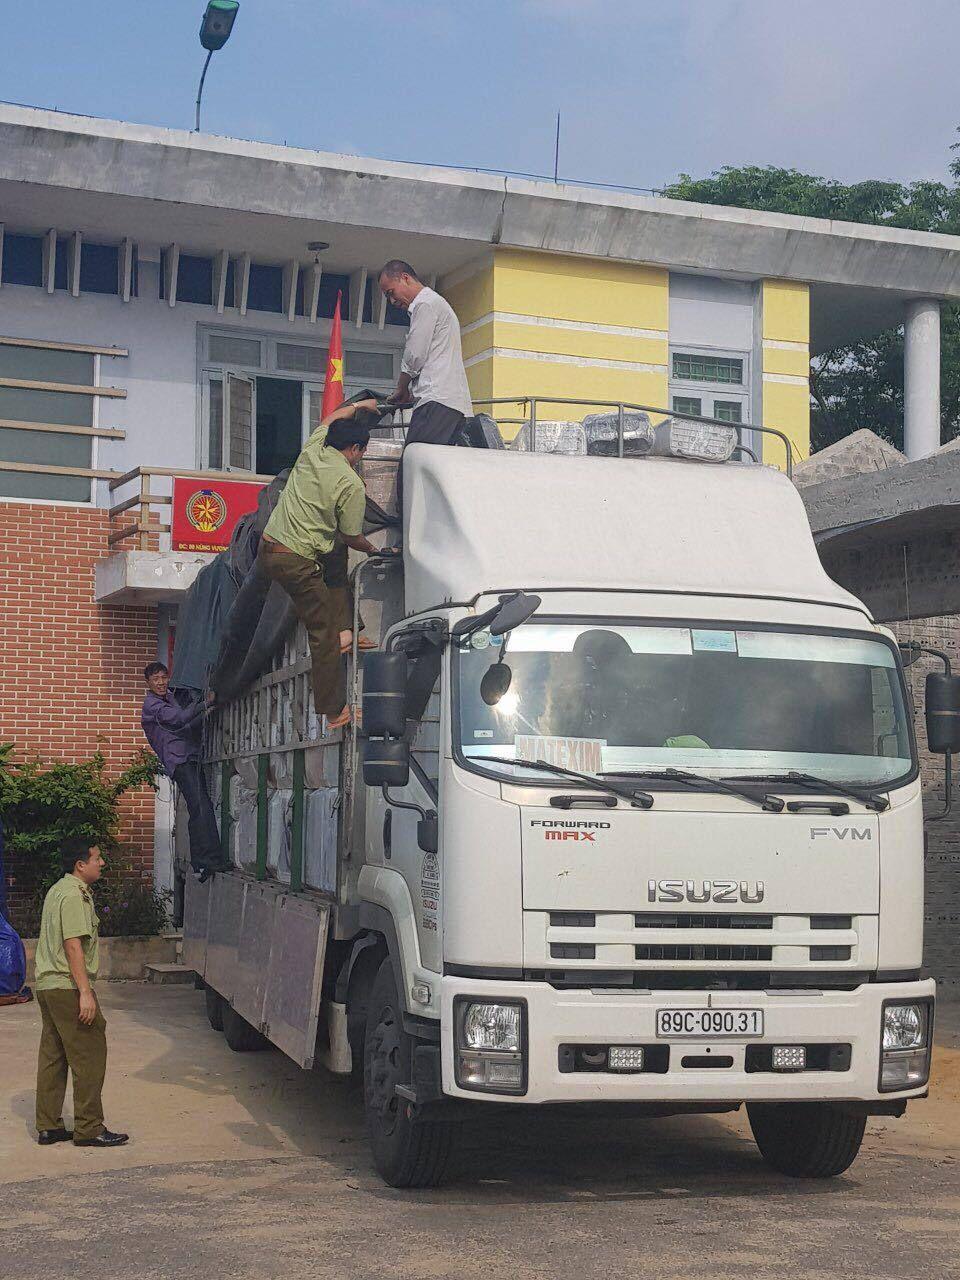 Quảng Bình: Thu giữ lô hàng lậu rất lớn đang trên đường đi tiêu thụ